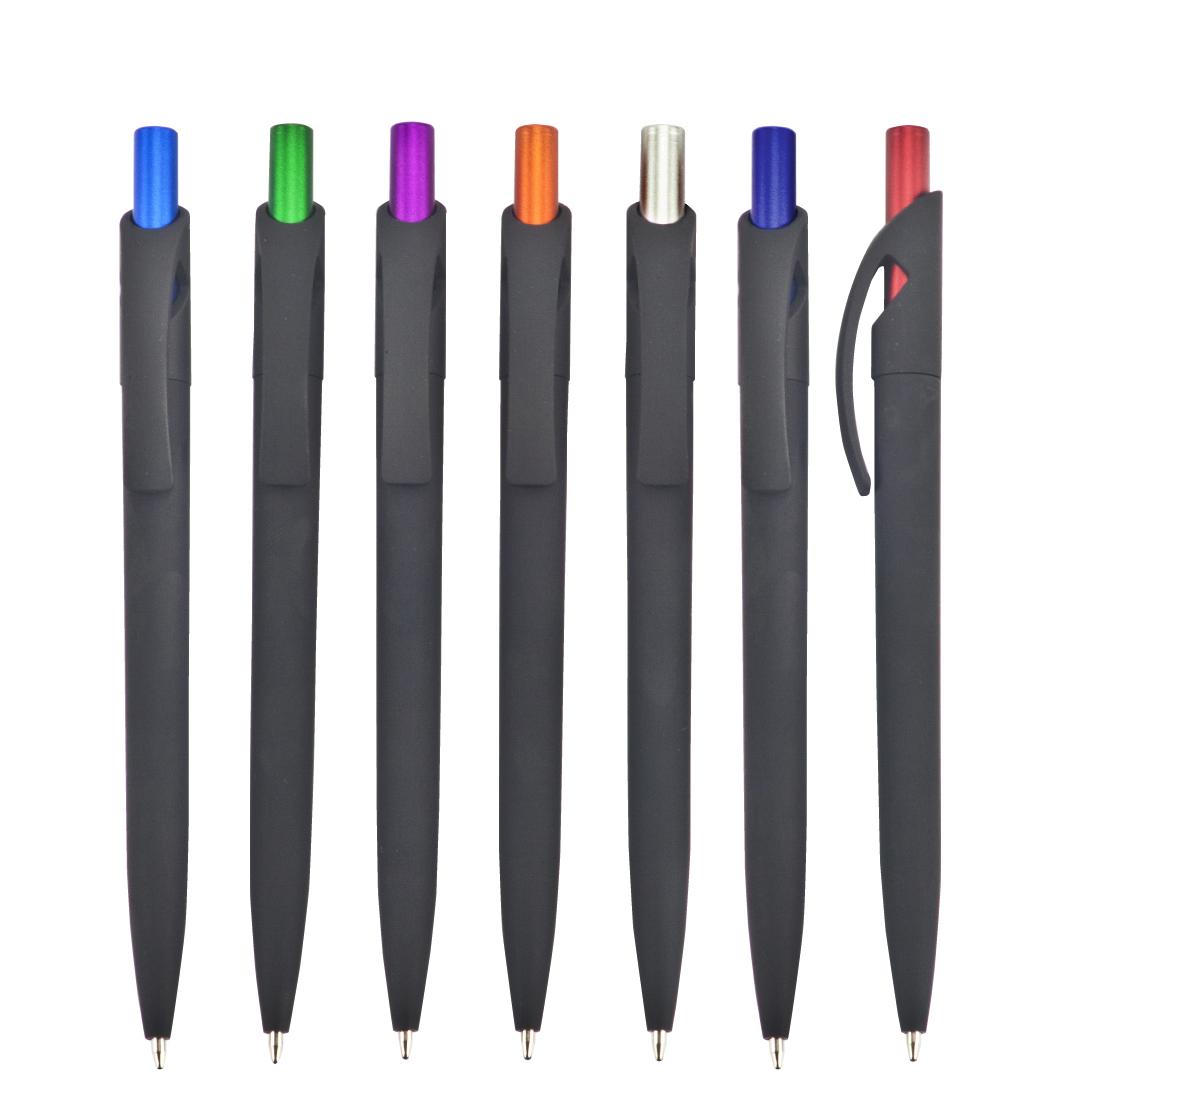 עט ג'ל, גוף פלסטיק, גימור גומי, לחצן מטלי צבעוני - לואיז בלק